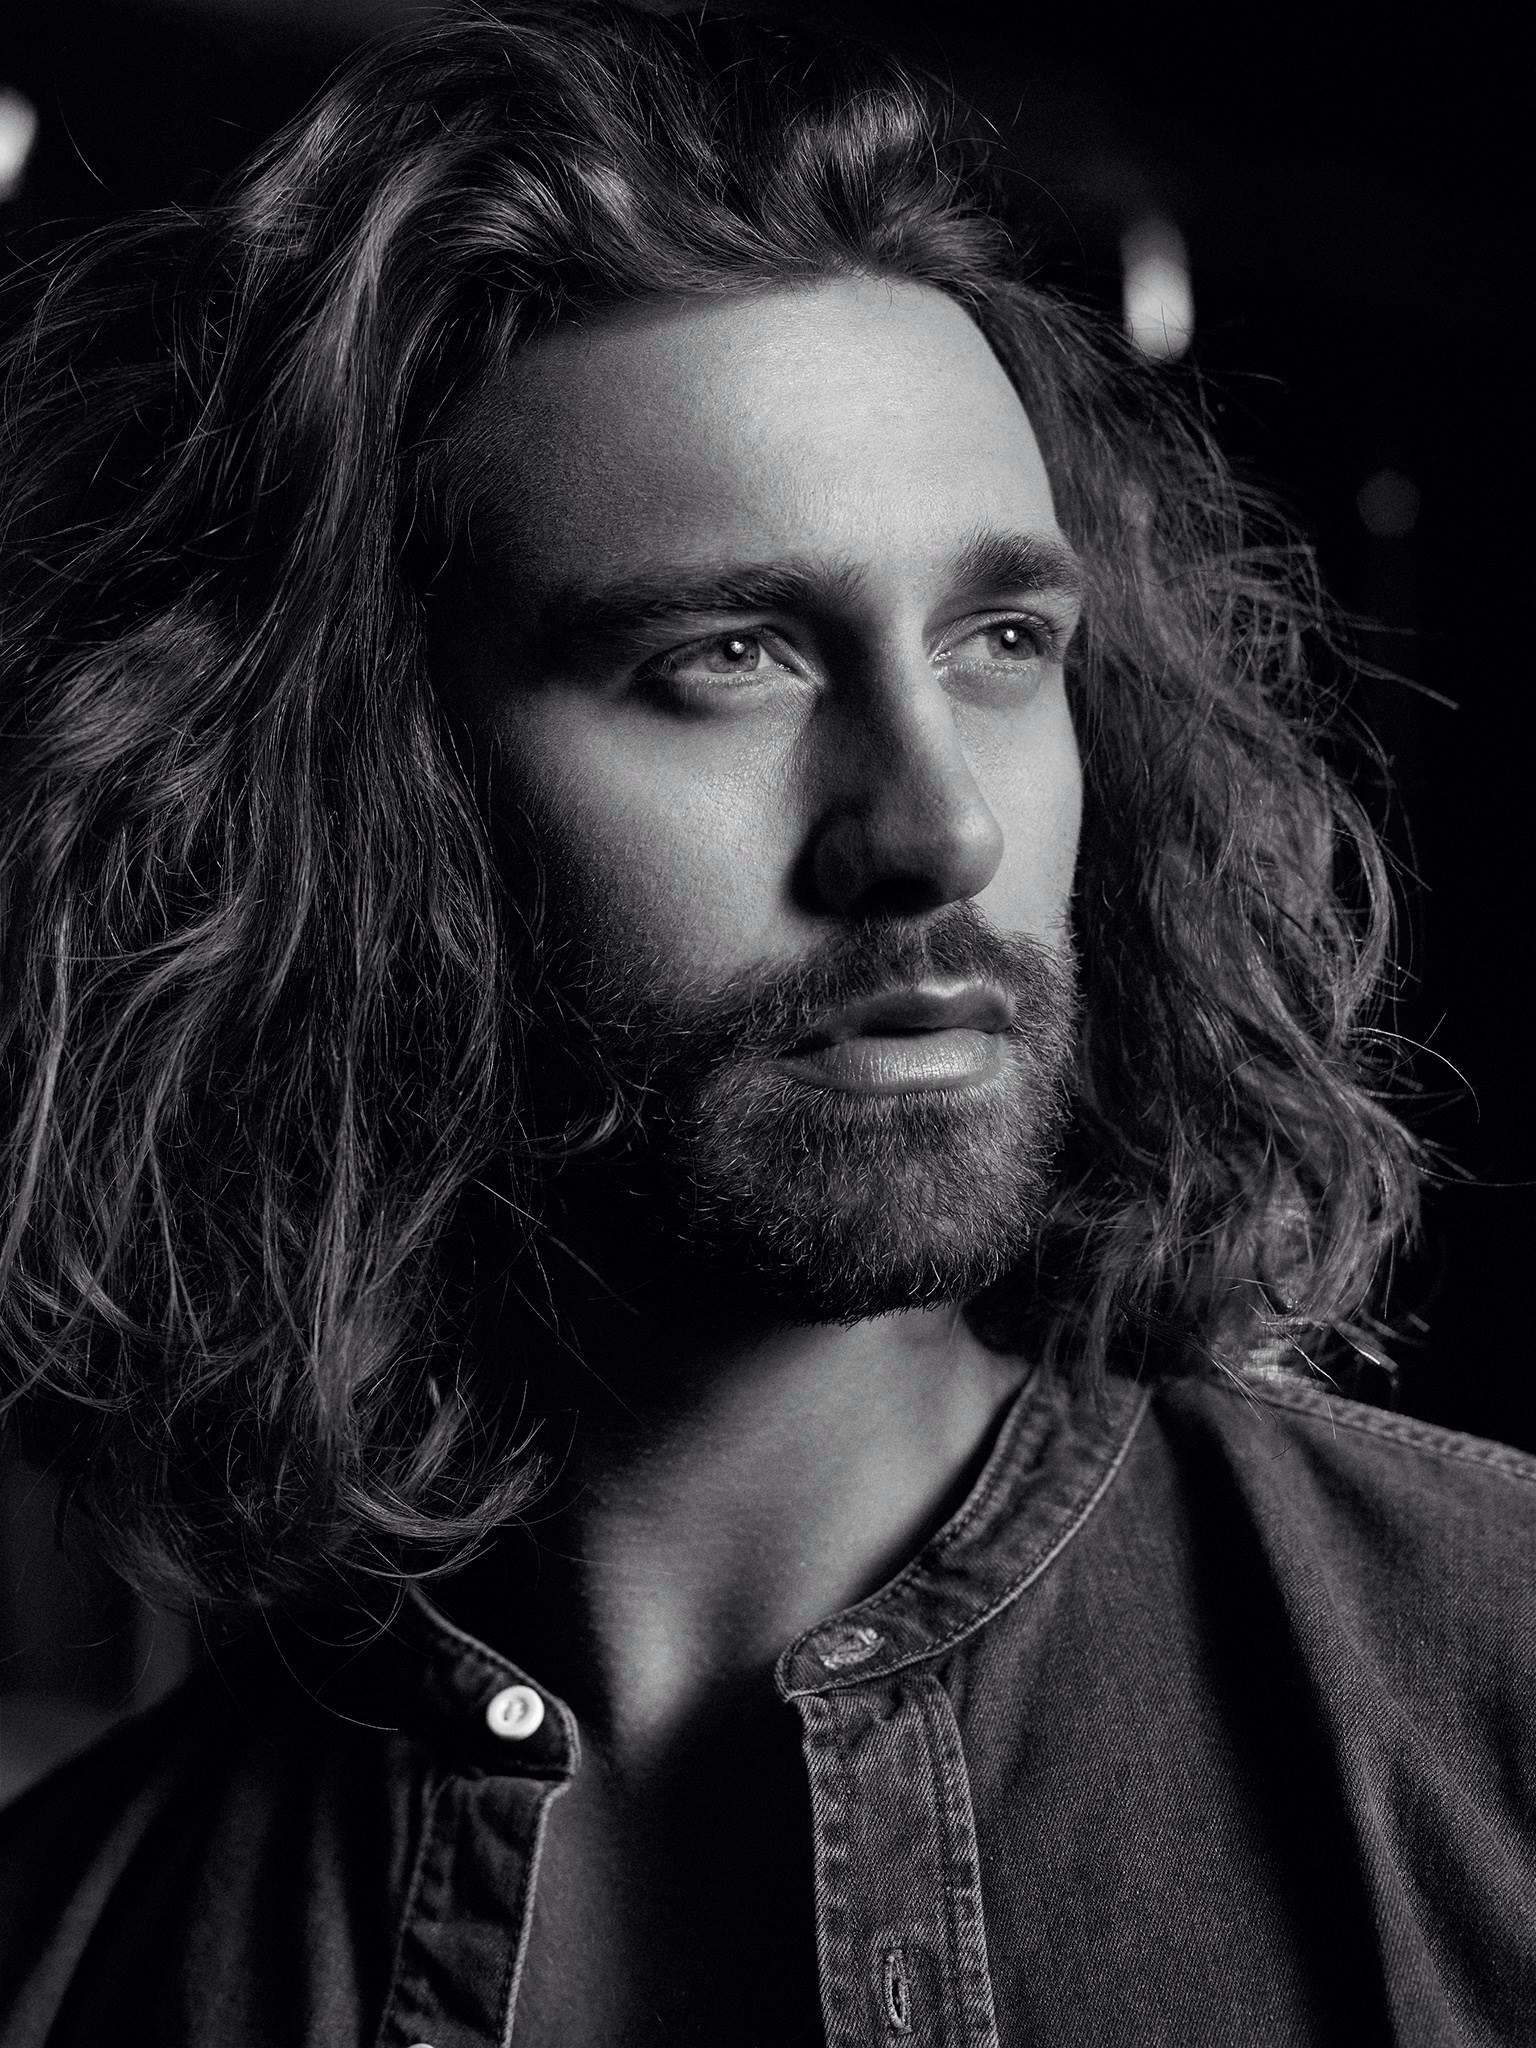 Josh McAree (Lang Models) shot by Michael Woloszynowicz, make upby Melanie Rose |  Michael Woloszynowicz